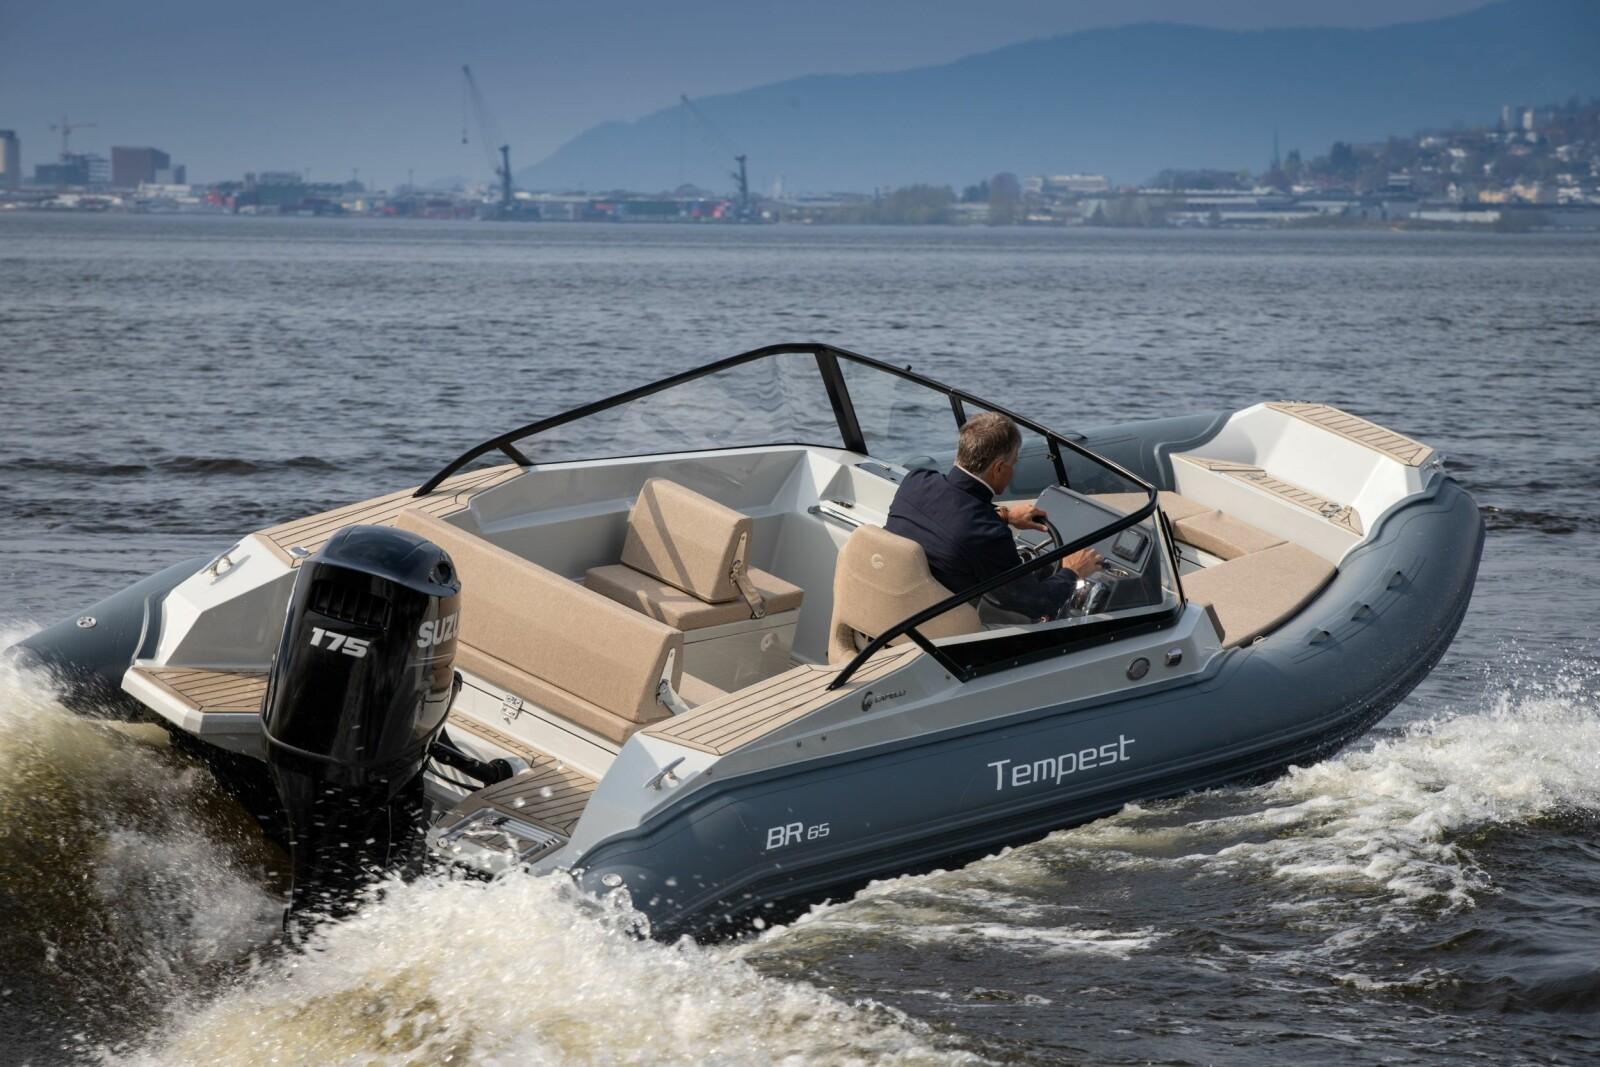 <b>KAN FORT BLI EN VANE:</b> Sportslige RIB-egenskaper kombinert med bowriderens komfort. Norske farger blir annerledes enn på testbåten: Hvit glassfiber, lys flexiteek med hvite nater, beige puter og mørkegrå farge på pongtonger.